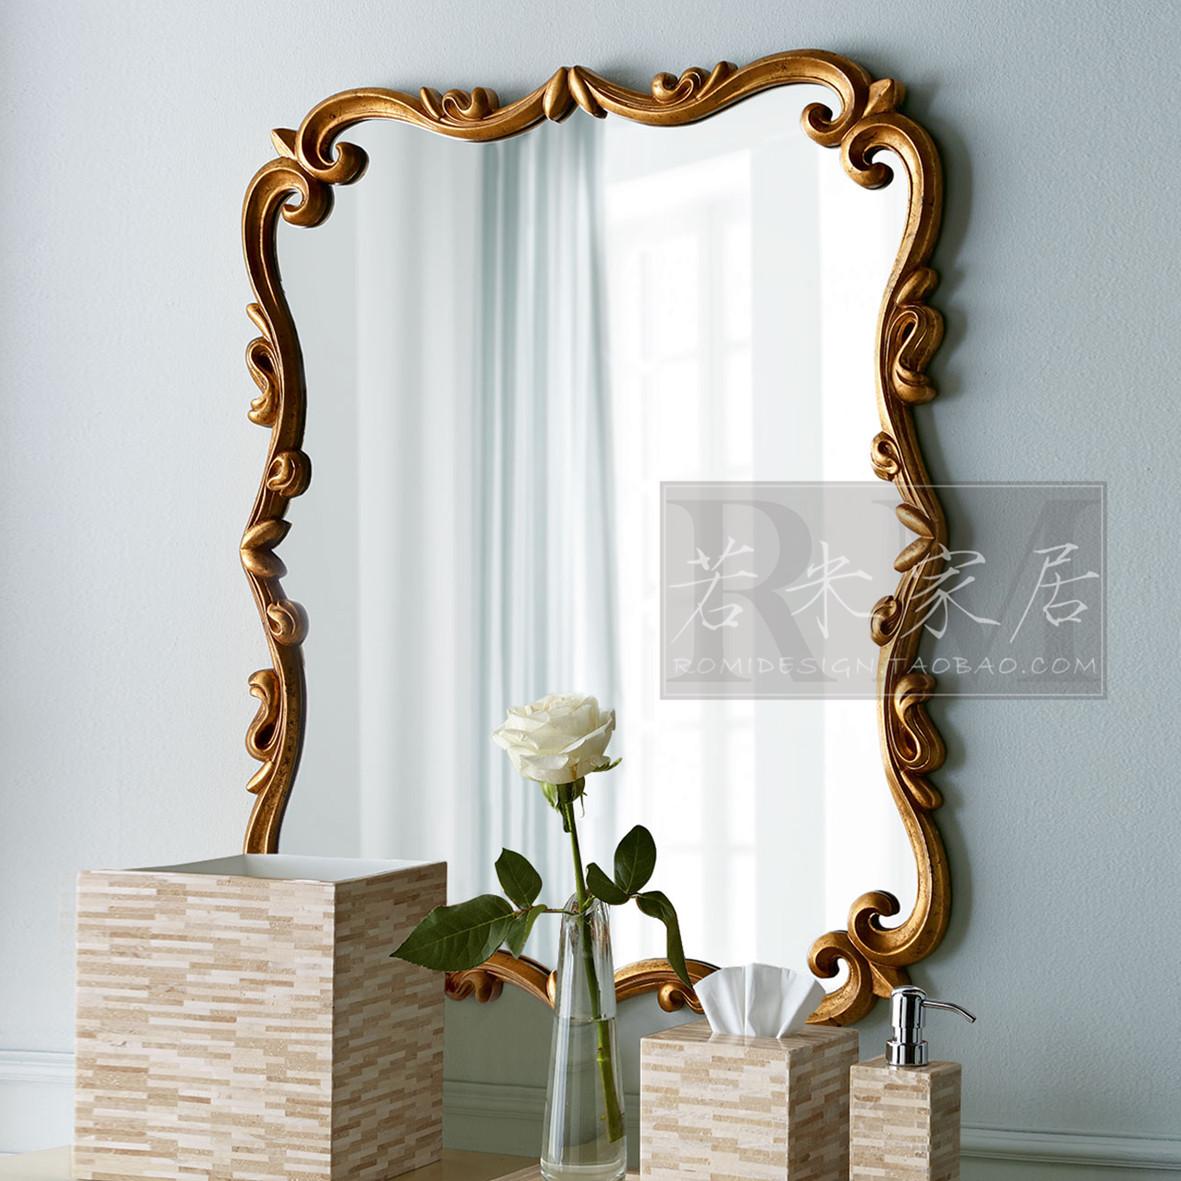 103*77/82*61 вертикальный для поперечный косметическое зеркало ванная комната ванная комната зеркало тайвань золото простой американский континентальный декоративный зеркало